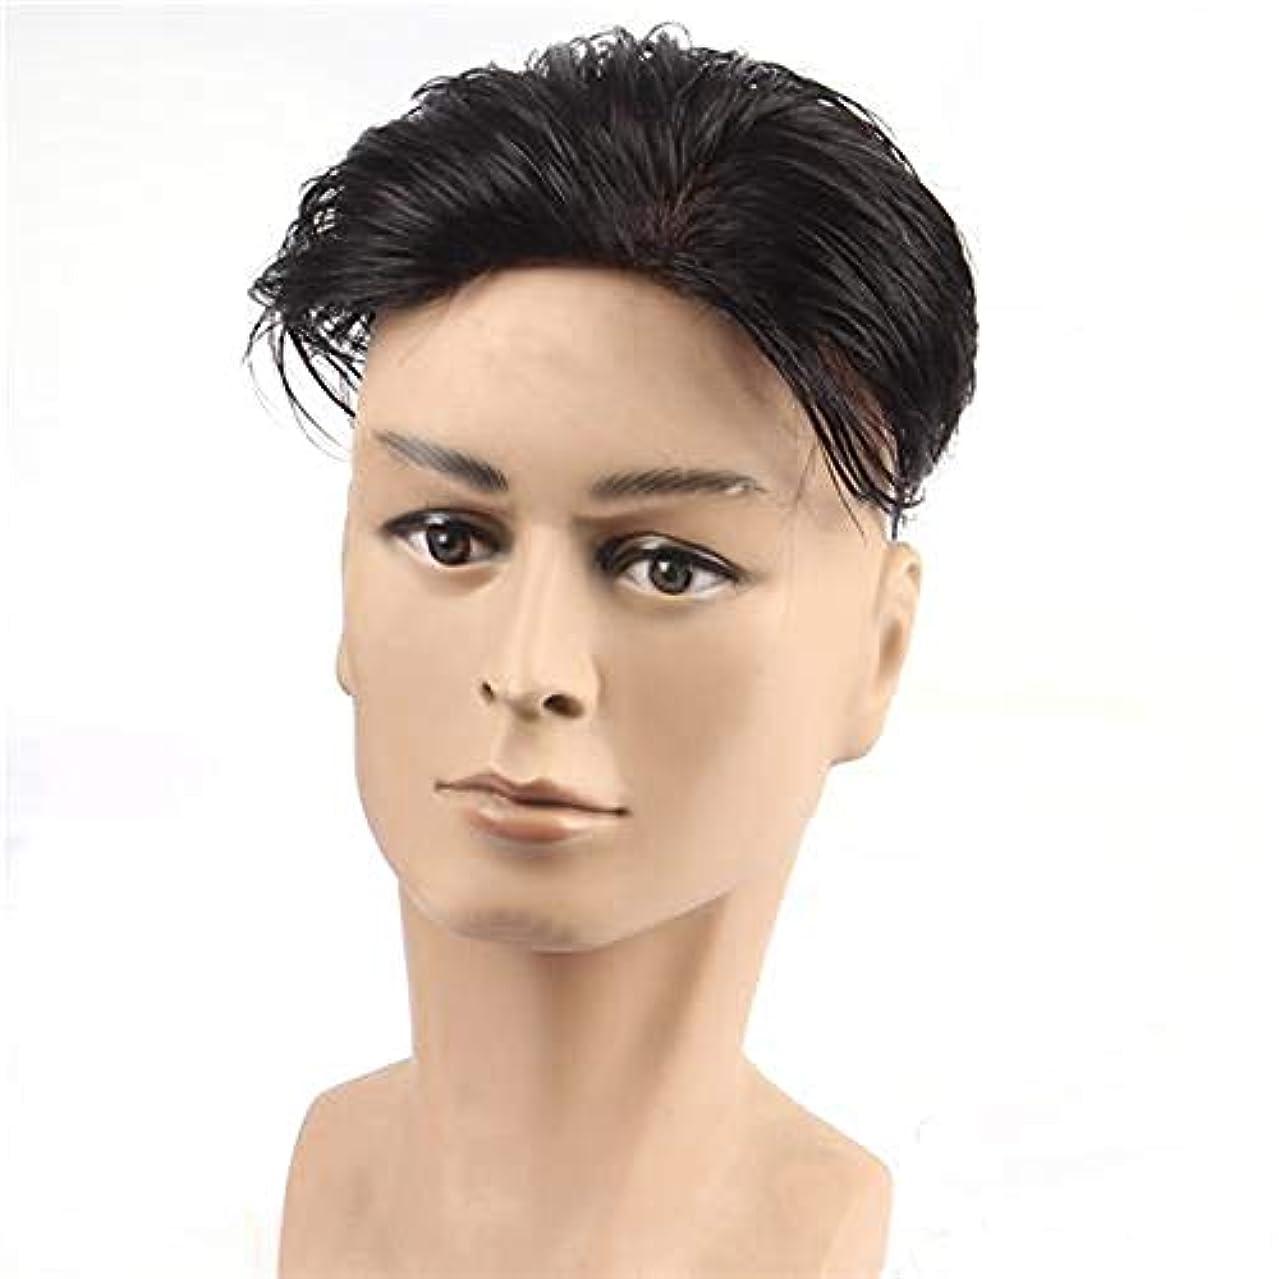 ずっとつらい自宅でYOUQIU 黒人男性ガイショートレイヤーカーリー波状のアニメのコスプレパーティーの髪カツラウィッグ (色 : Natural black, サイズ : 18x20)